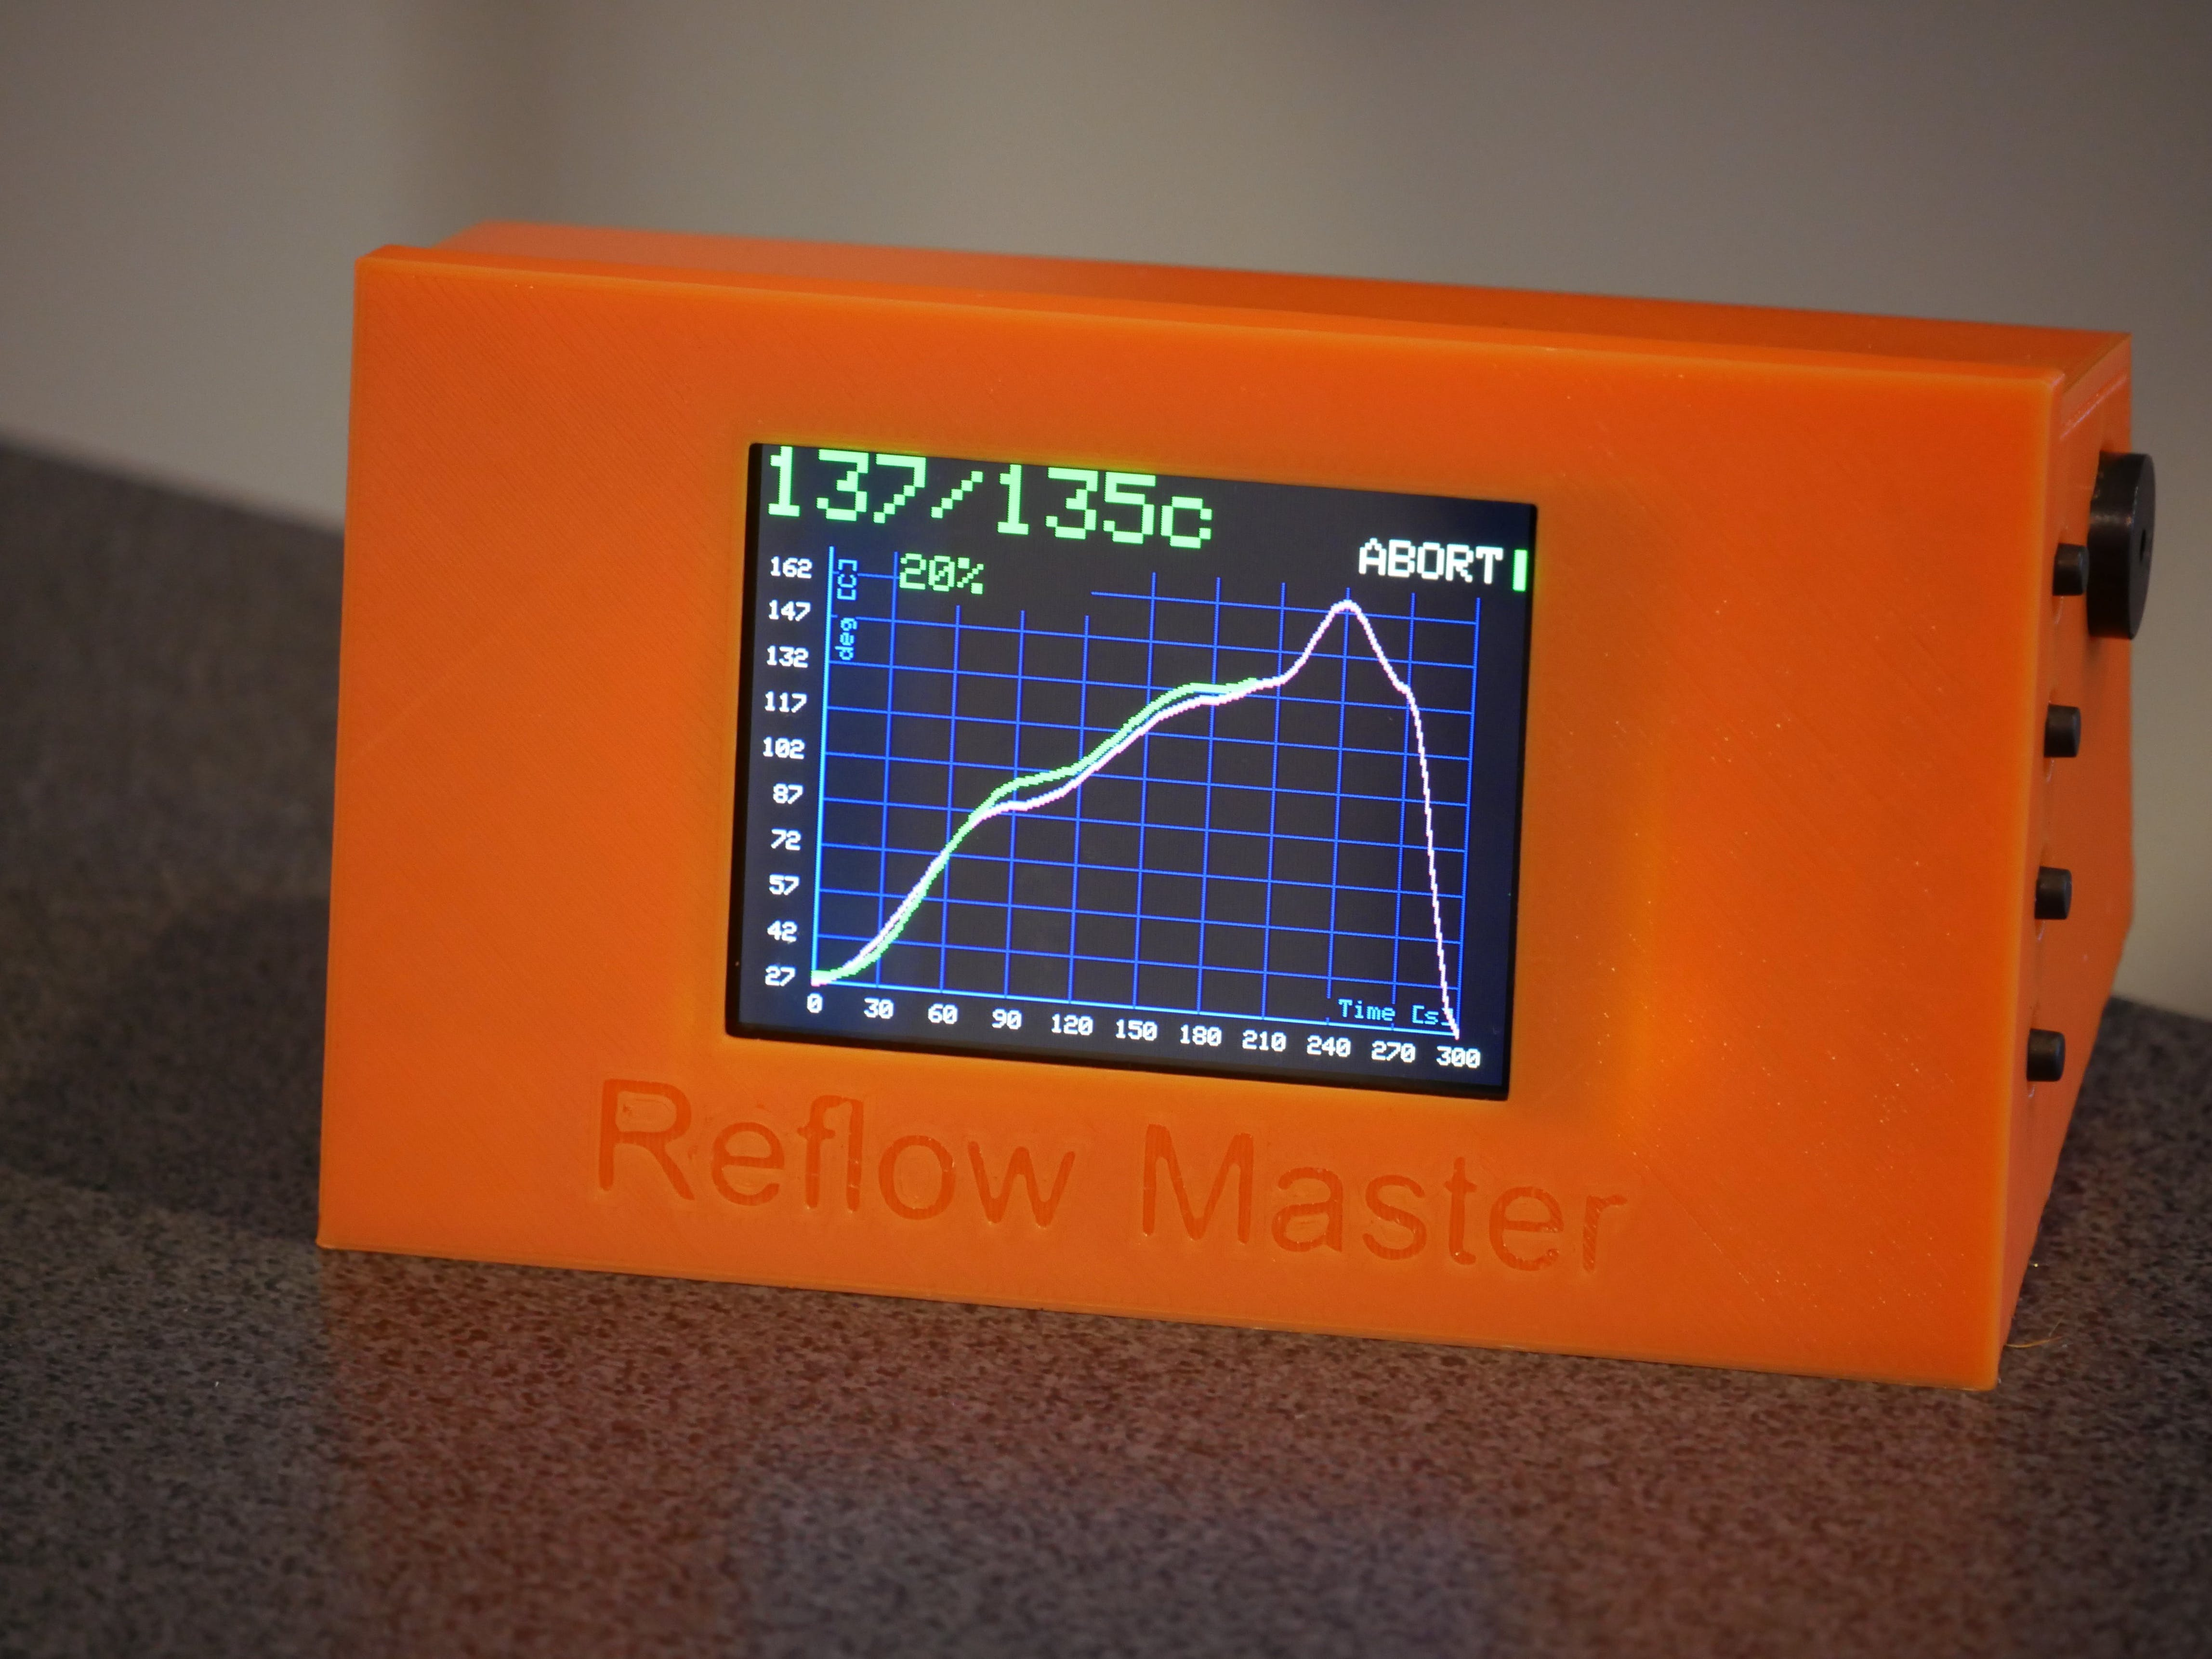 Reflow Master